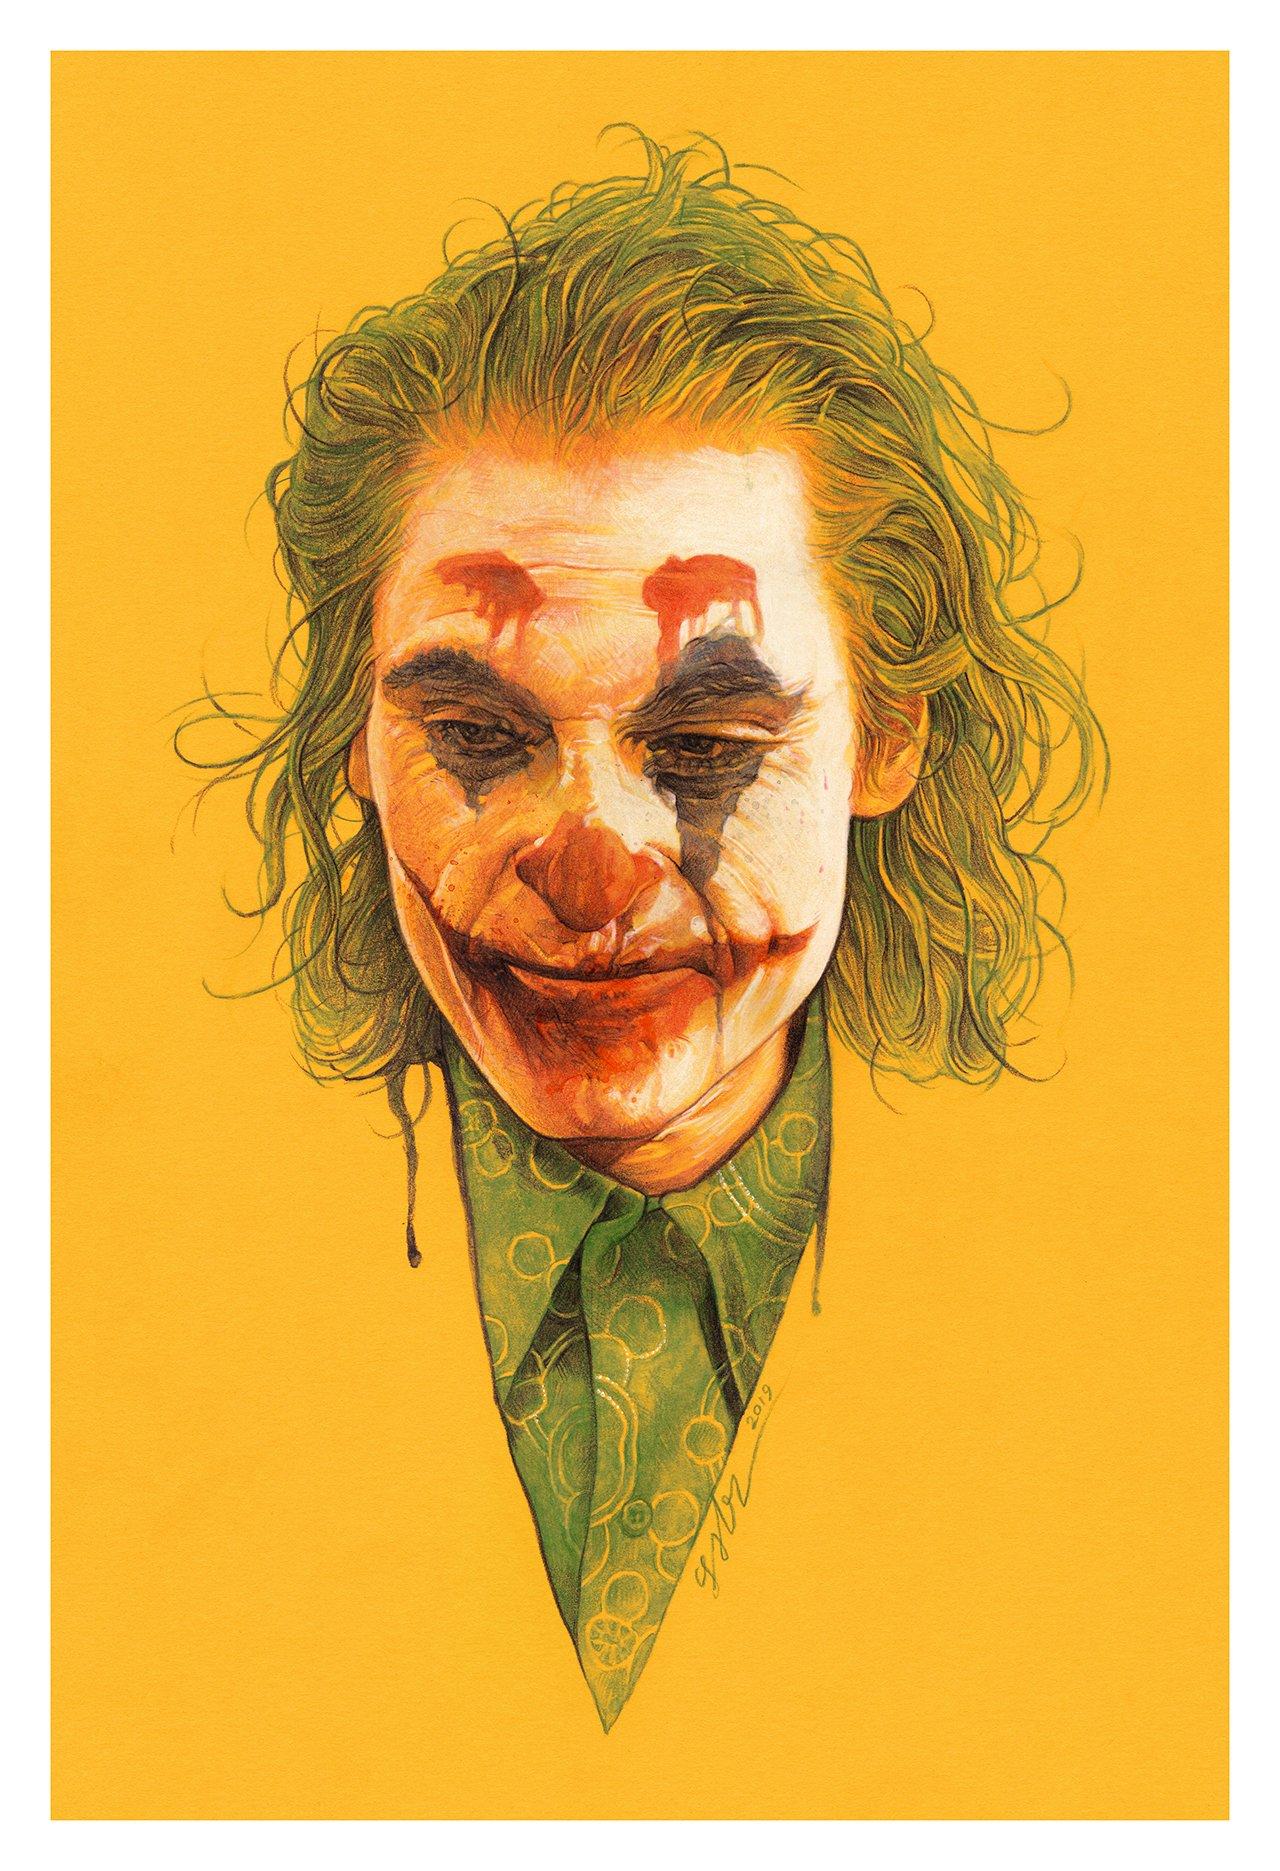 Image of Joker Phoenix